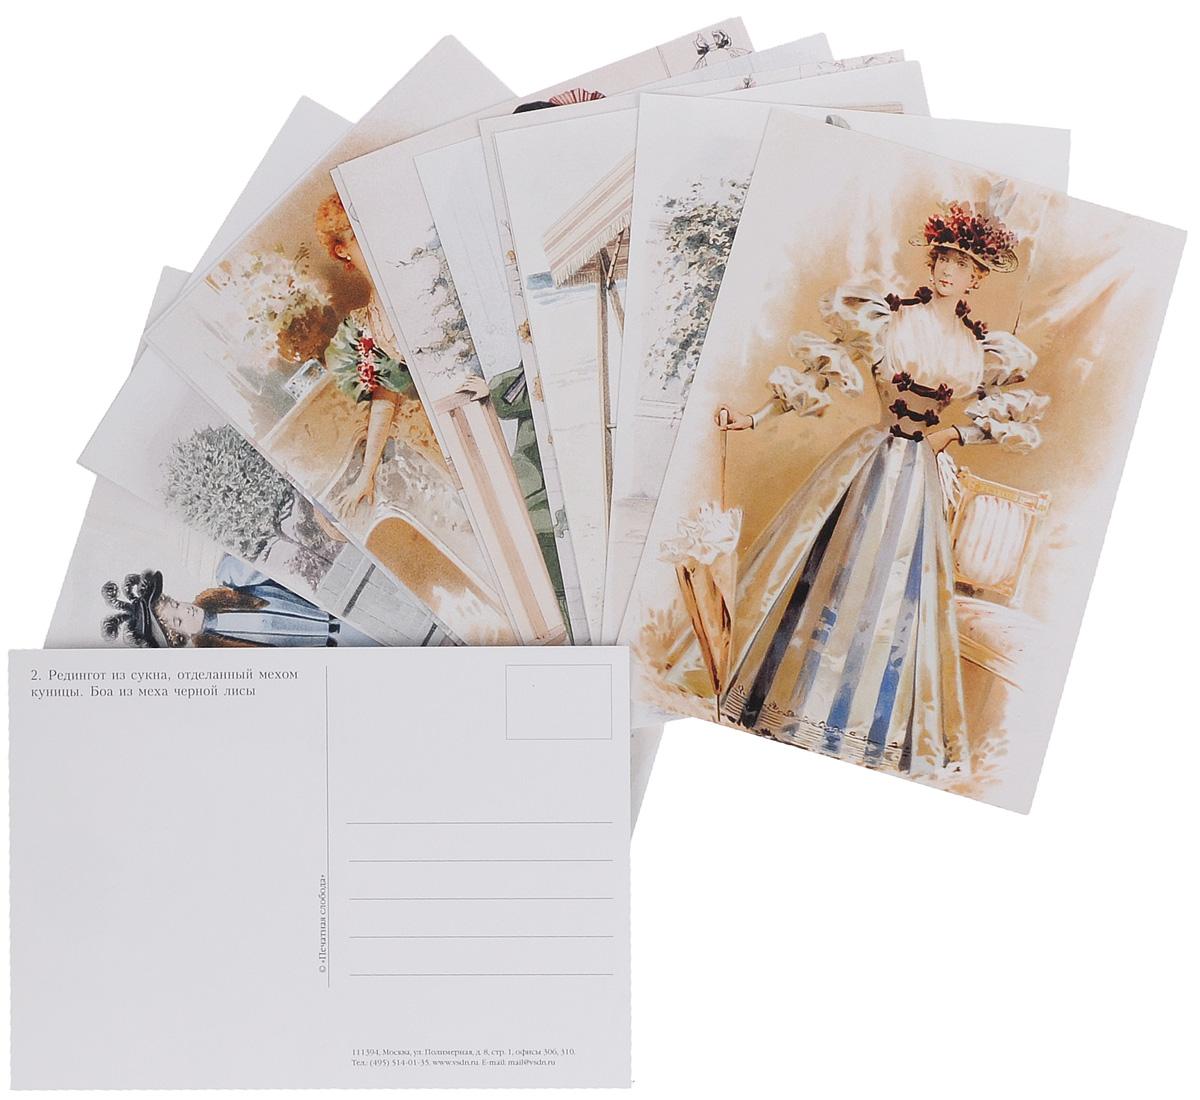 Вестник моды. 1895 (набор из 15 открыток)